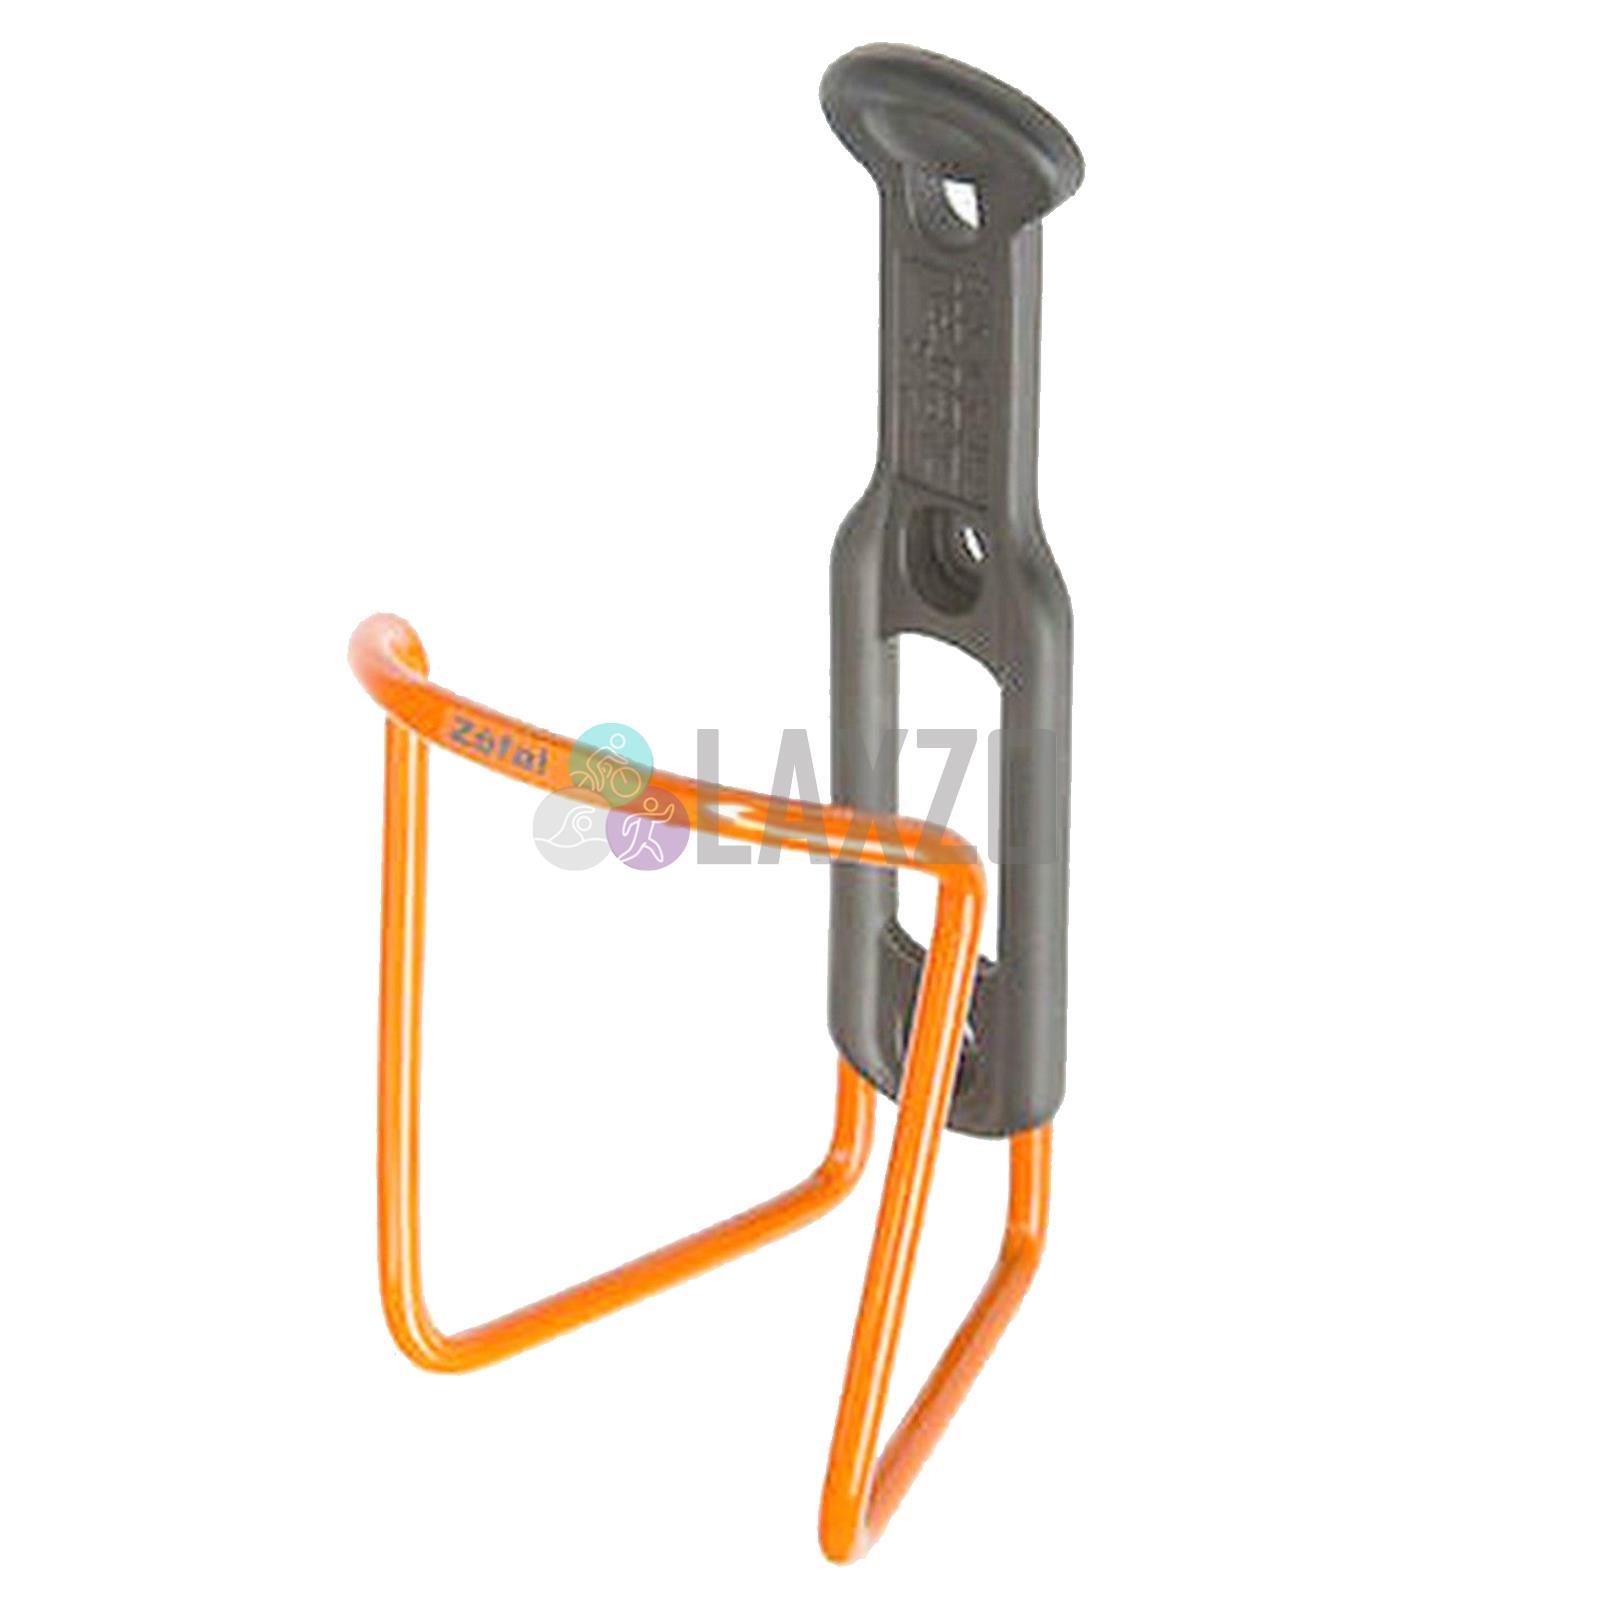 Zefal bicicleta portabidones para botella de agua vintage cromo con cuero